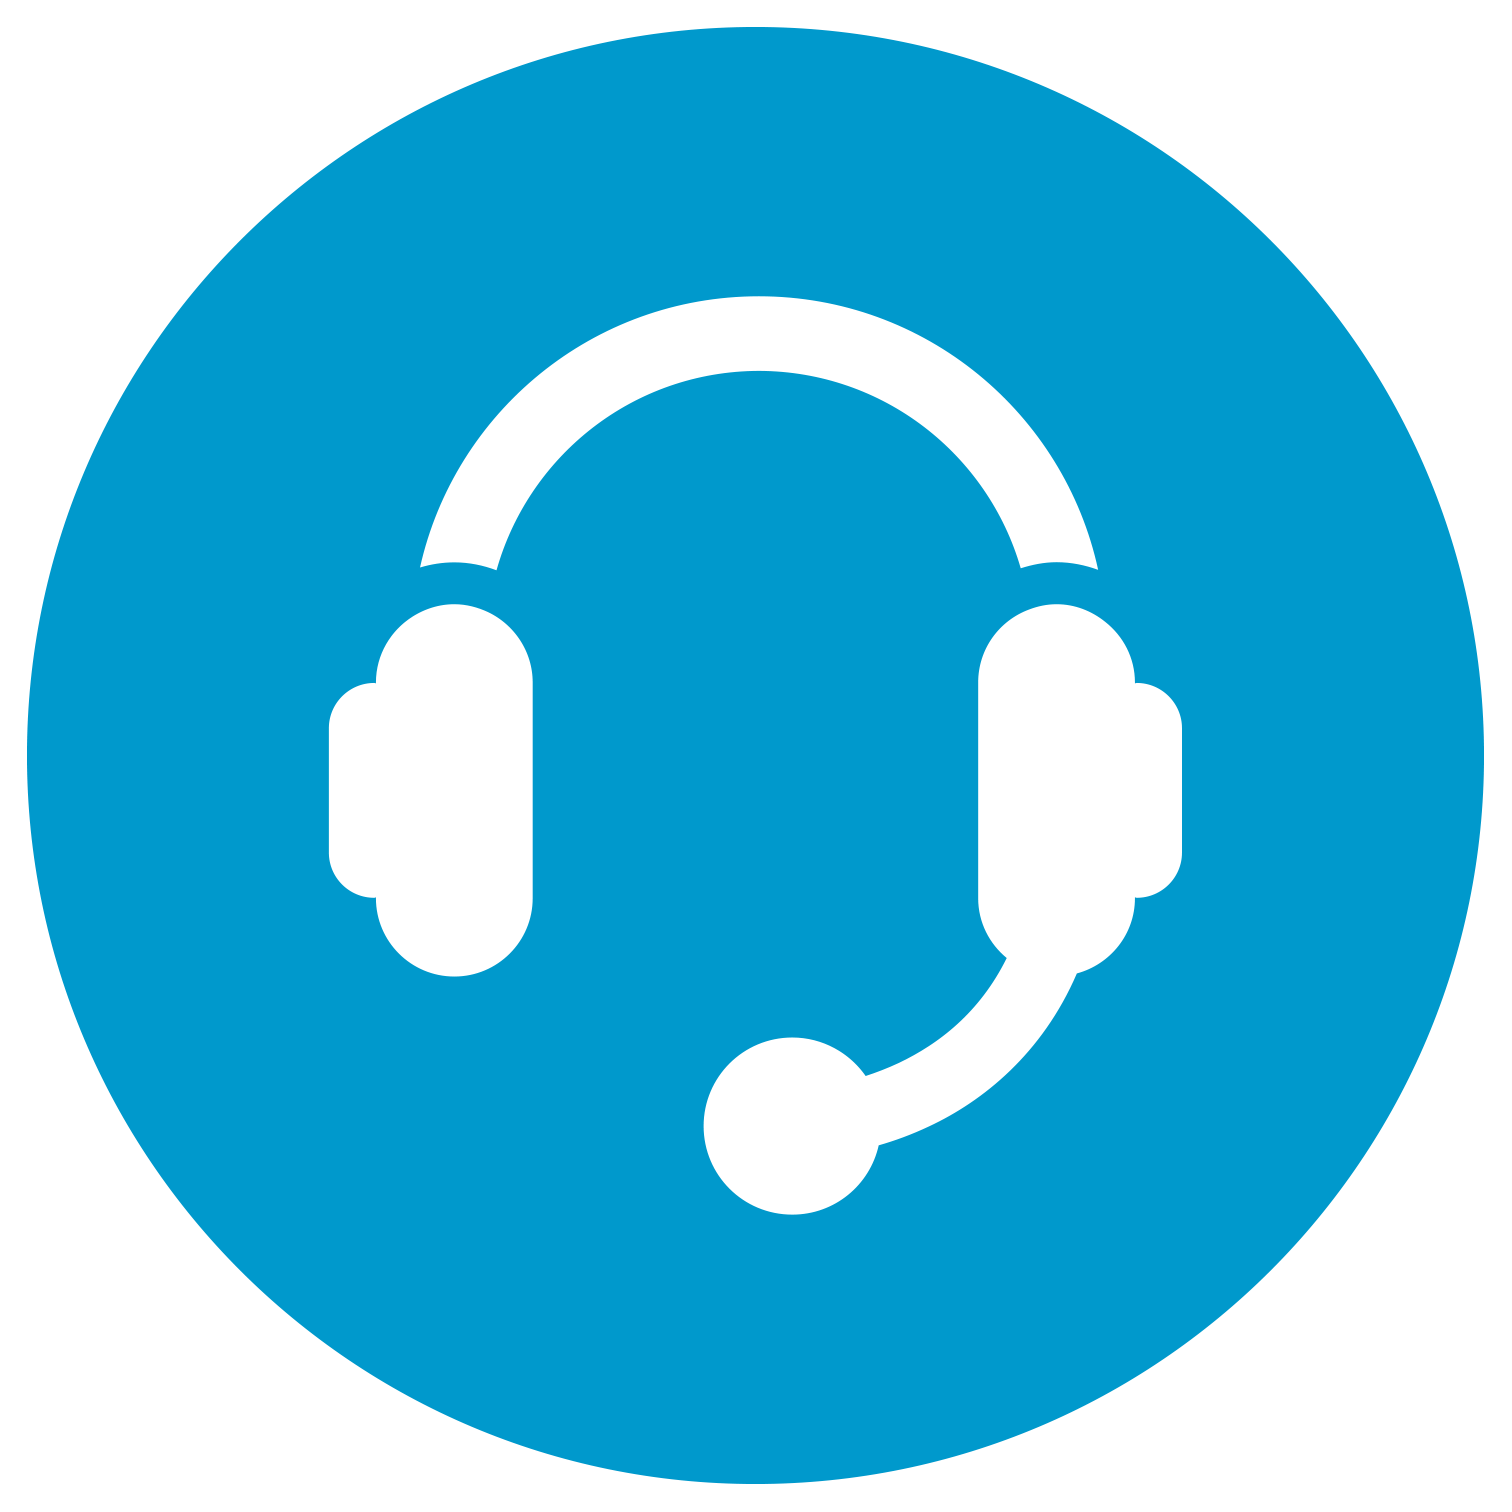 Risultati immagini per call center icon